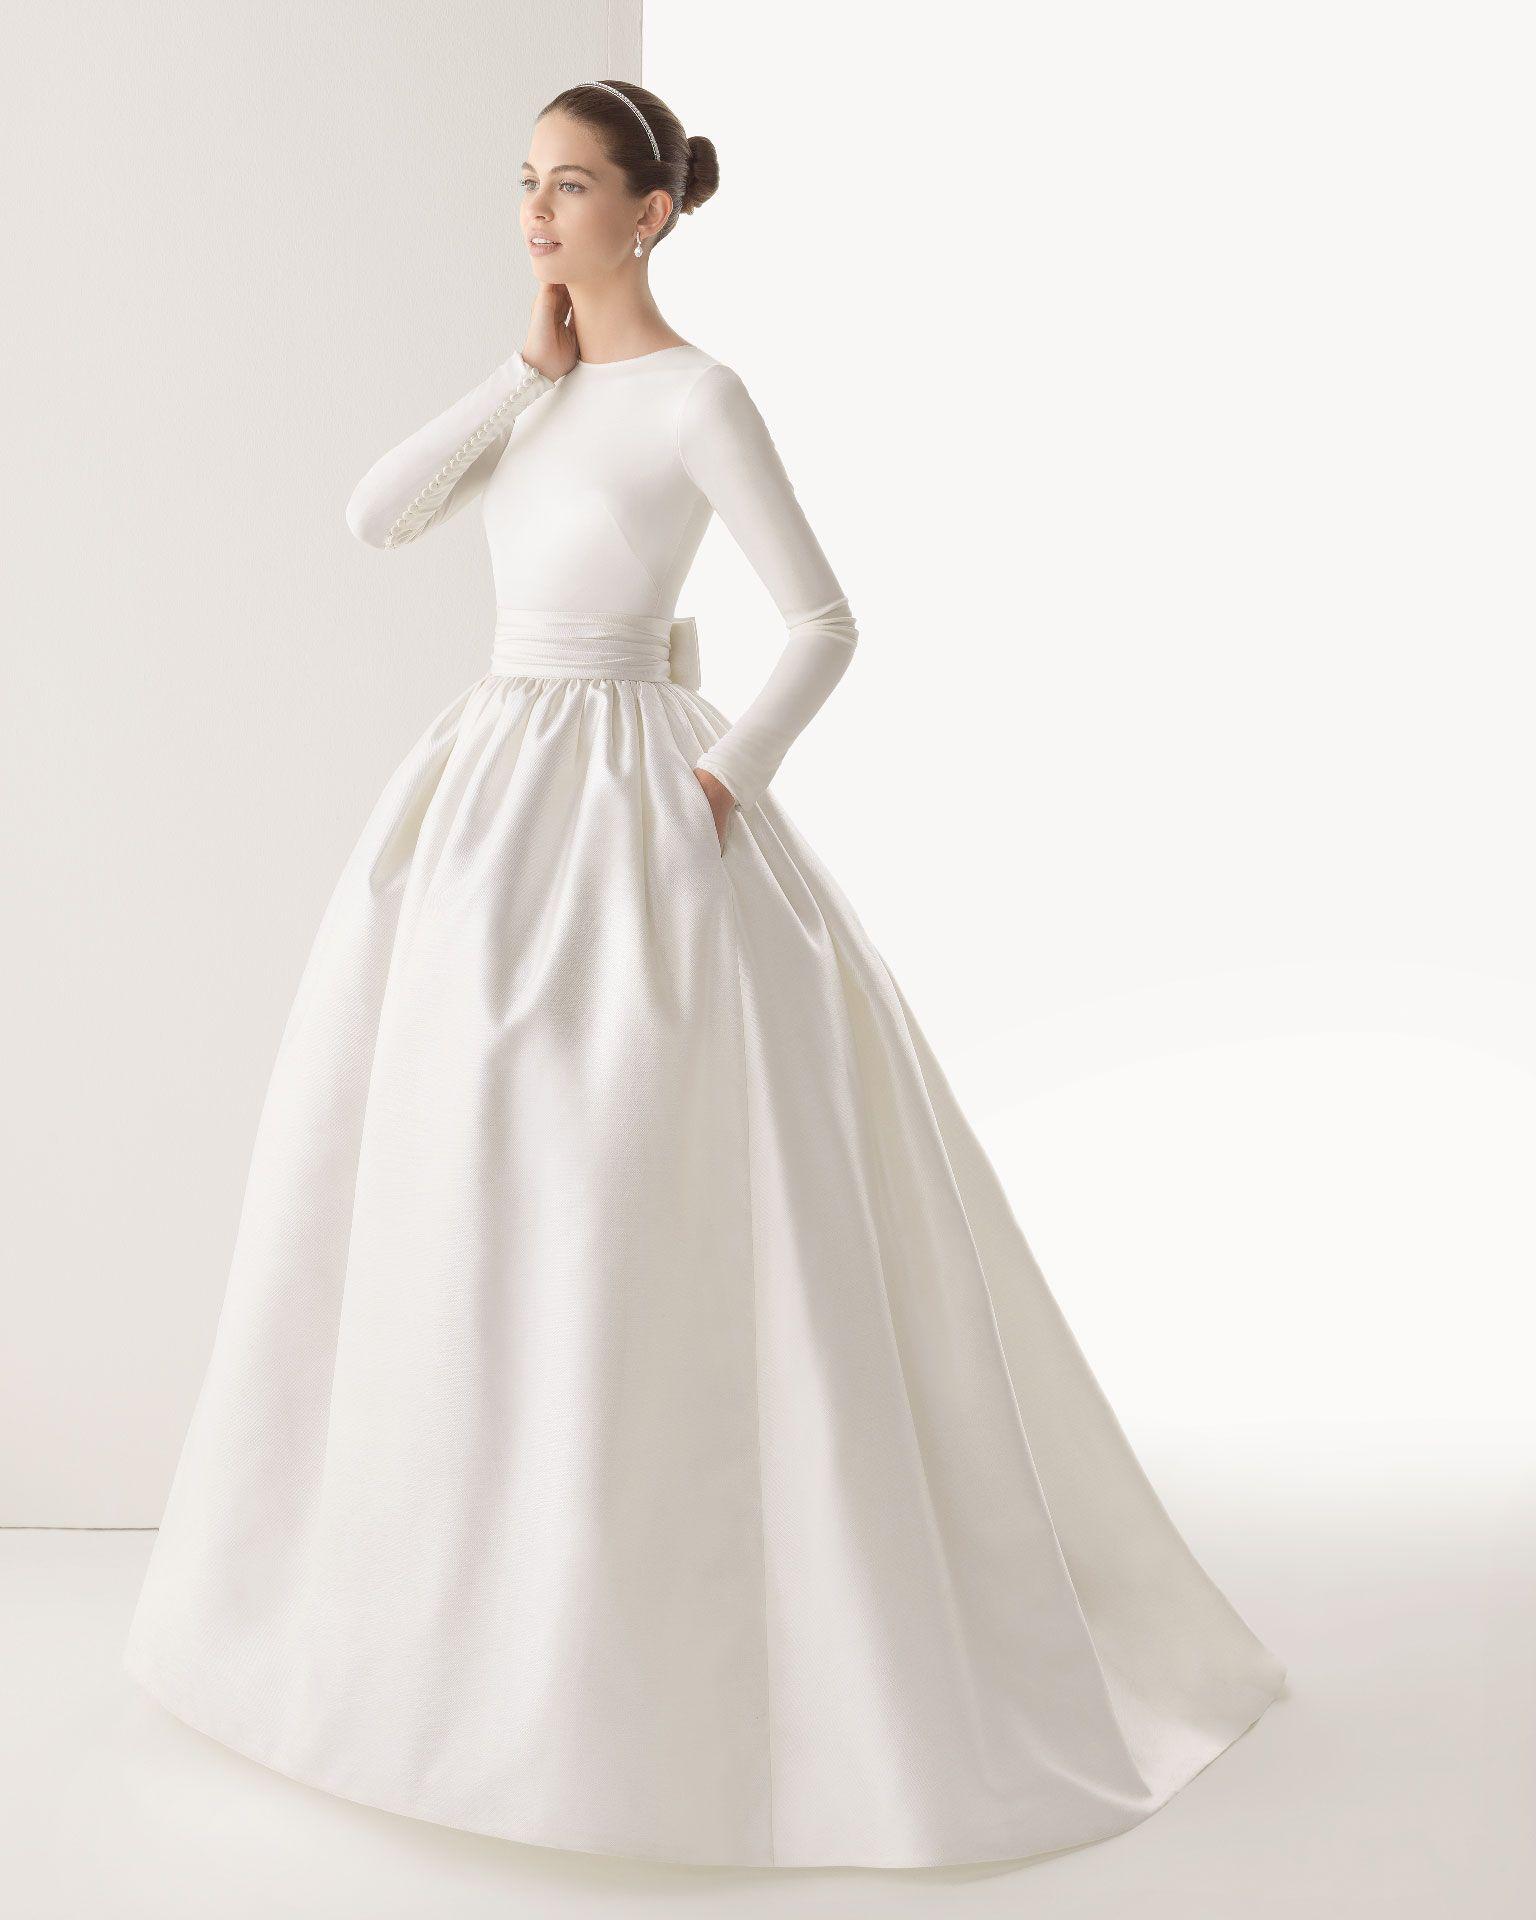 Vestidos de novia y vestidos de fiesta | Falda de seda, Colores ...